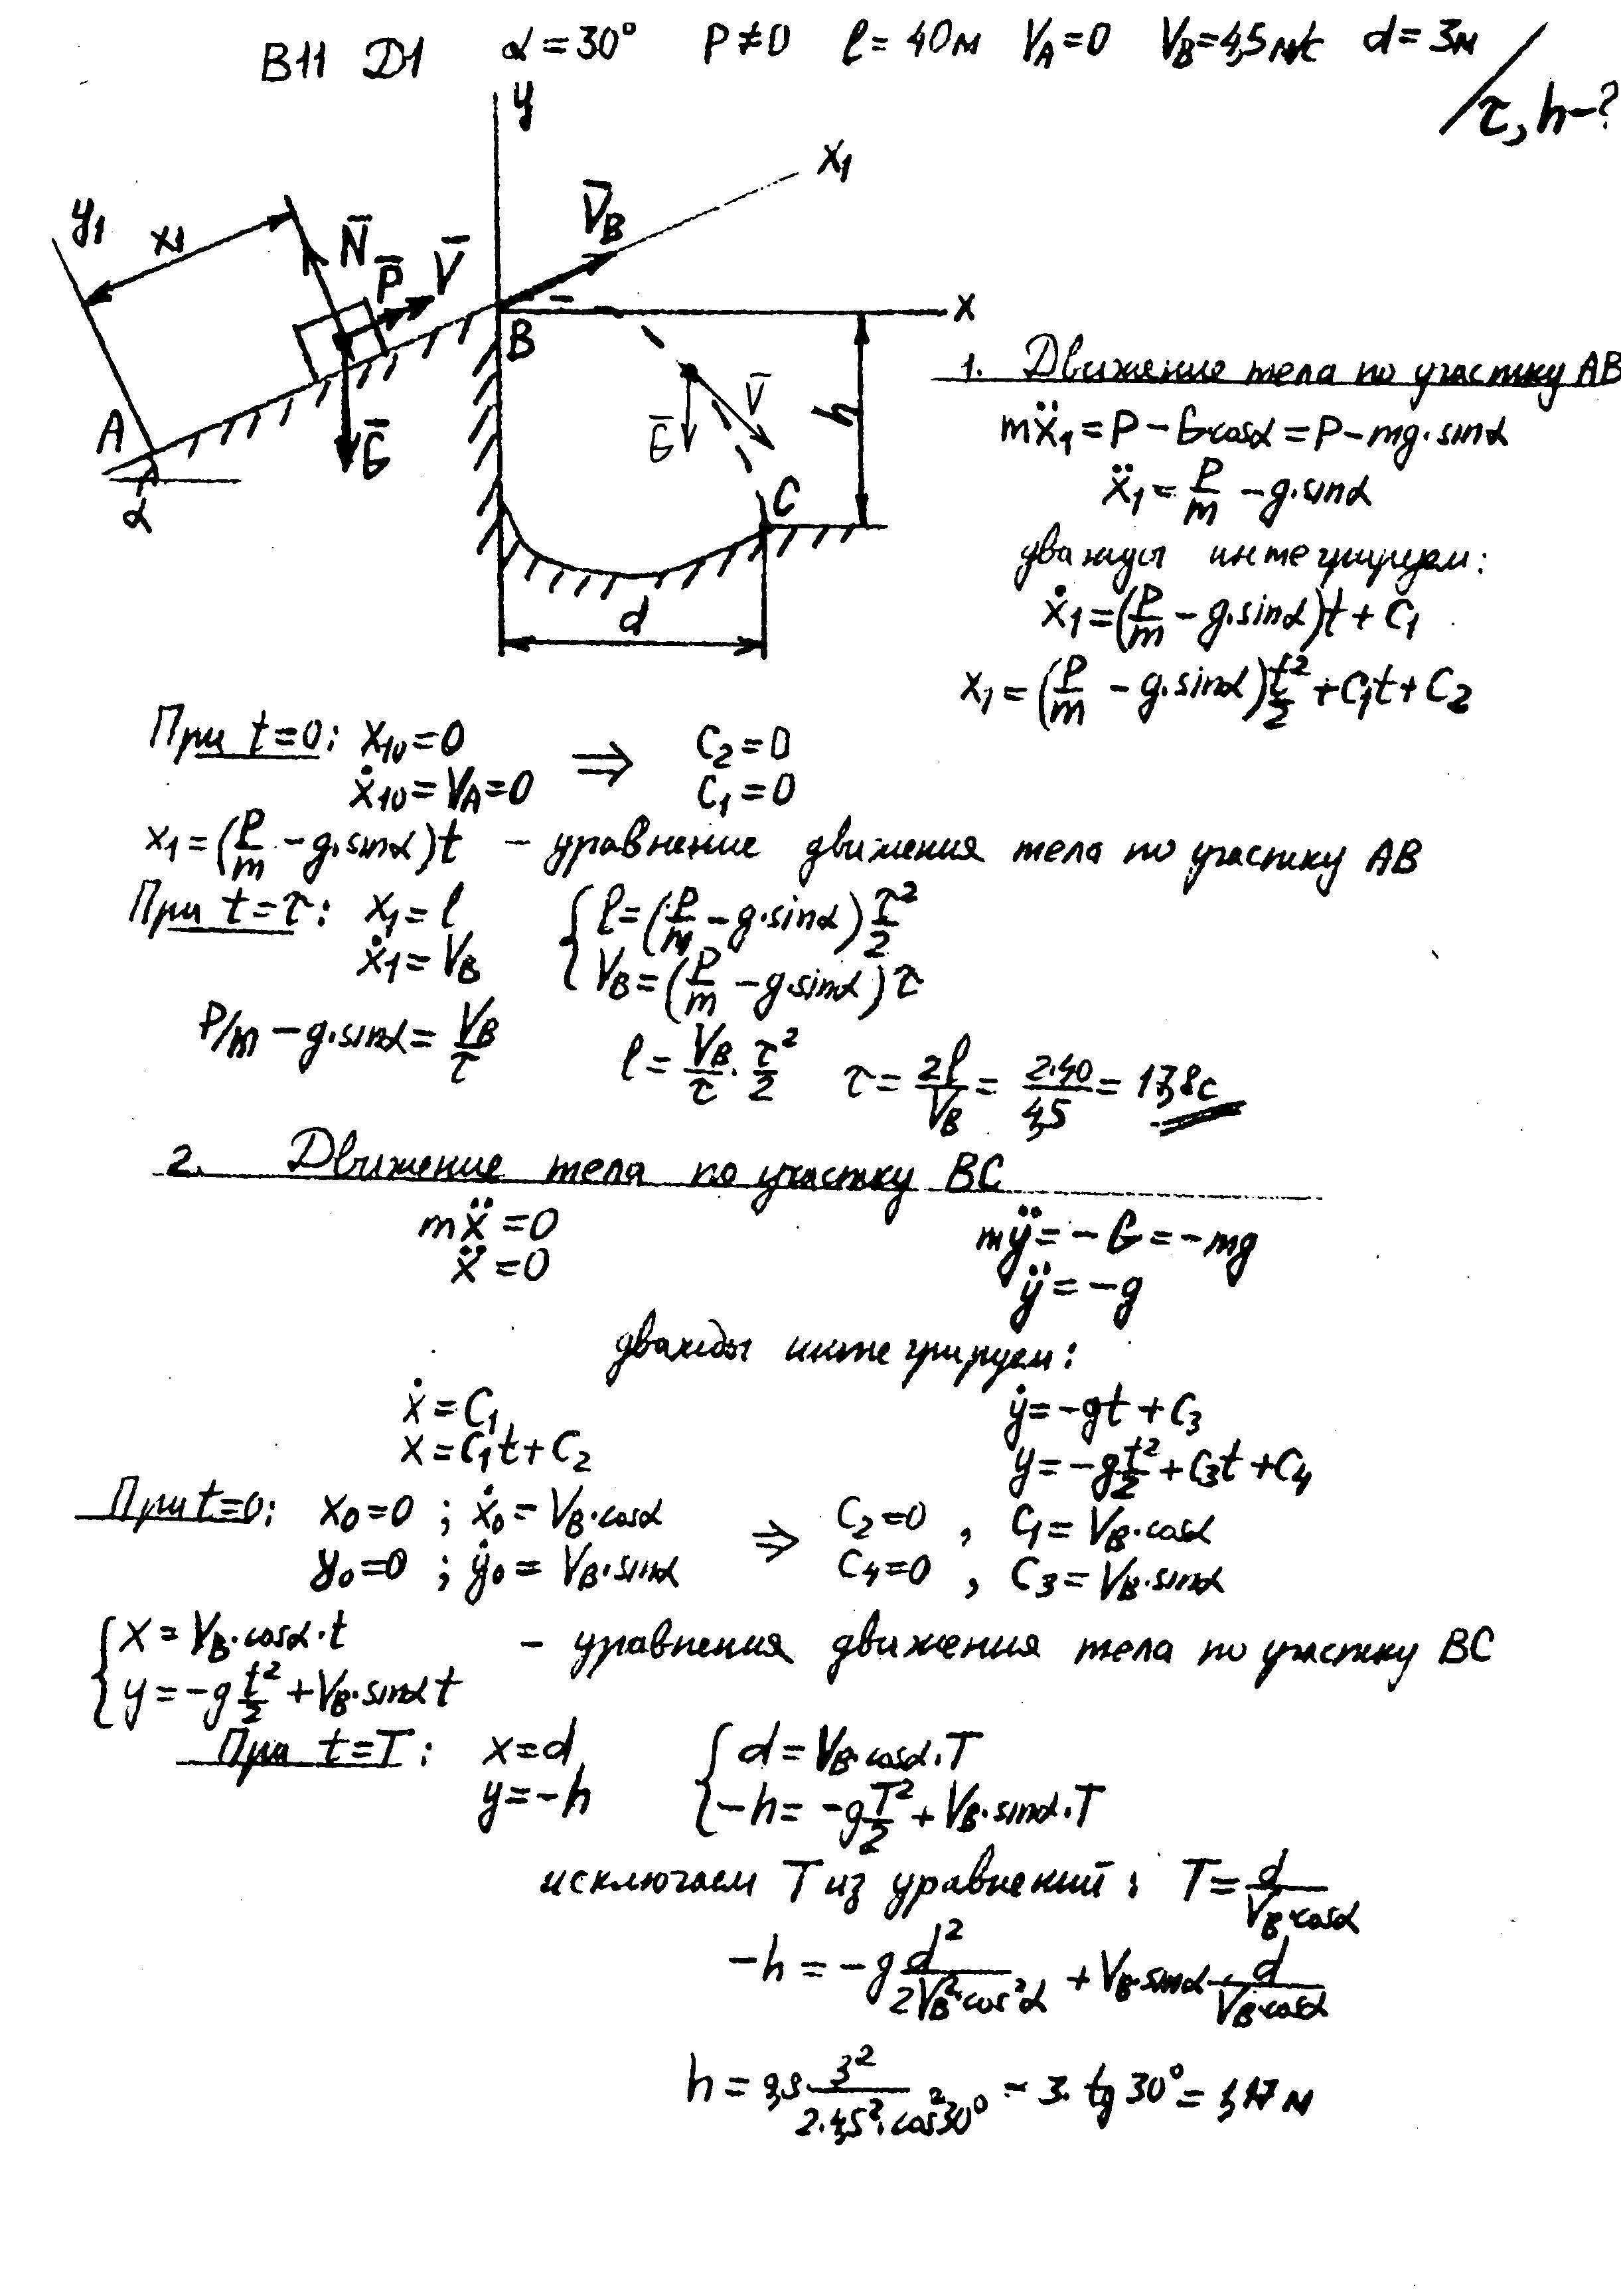 Решение задач яблонского по теоретической механике графический метод решения задачи линейного программирования злп